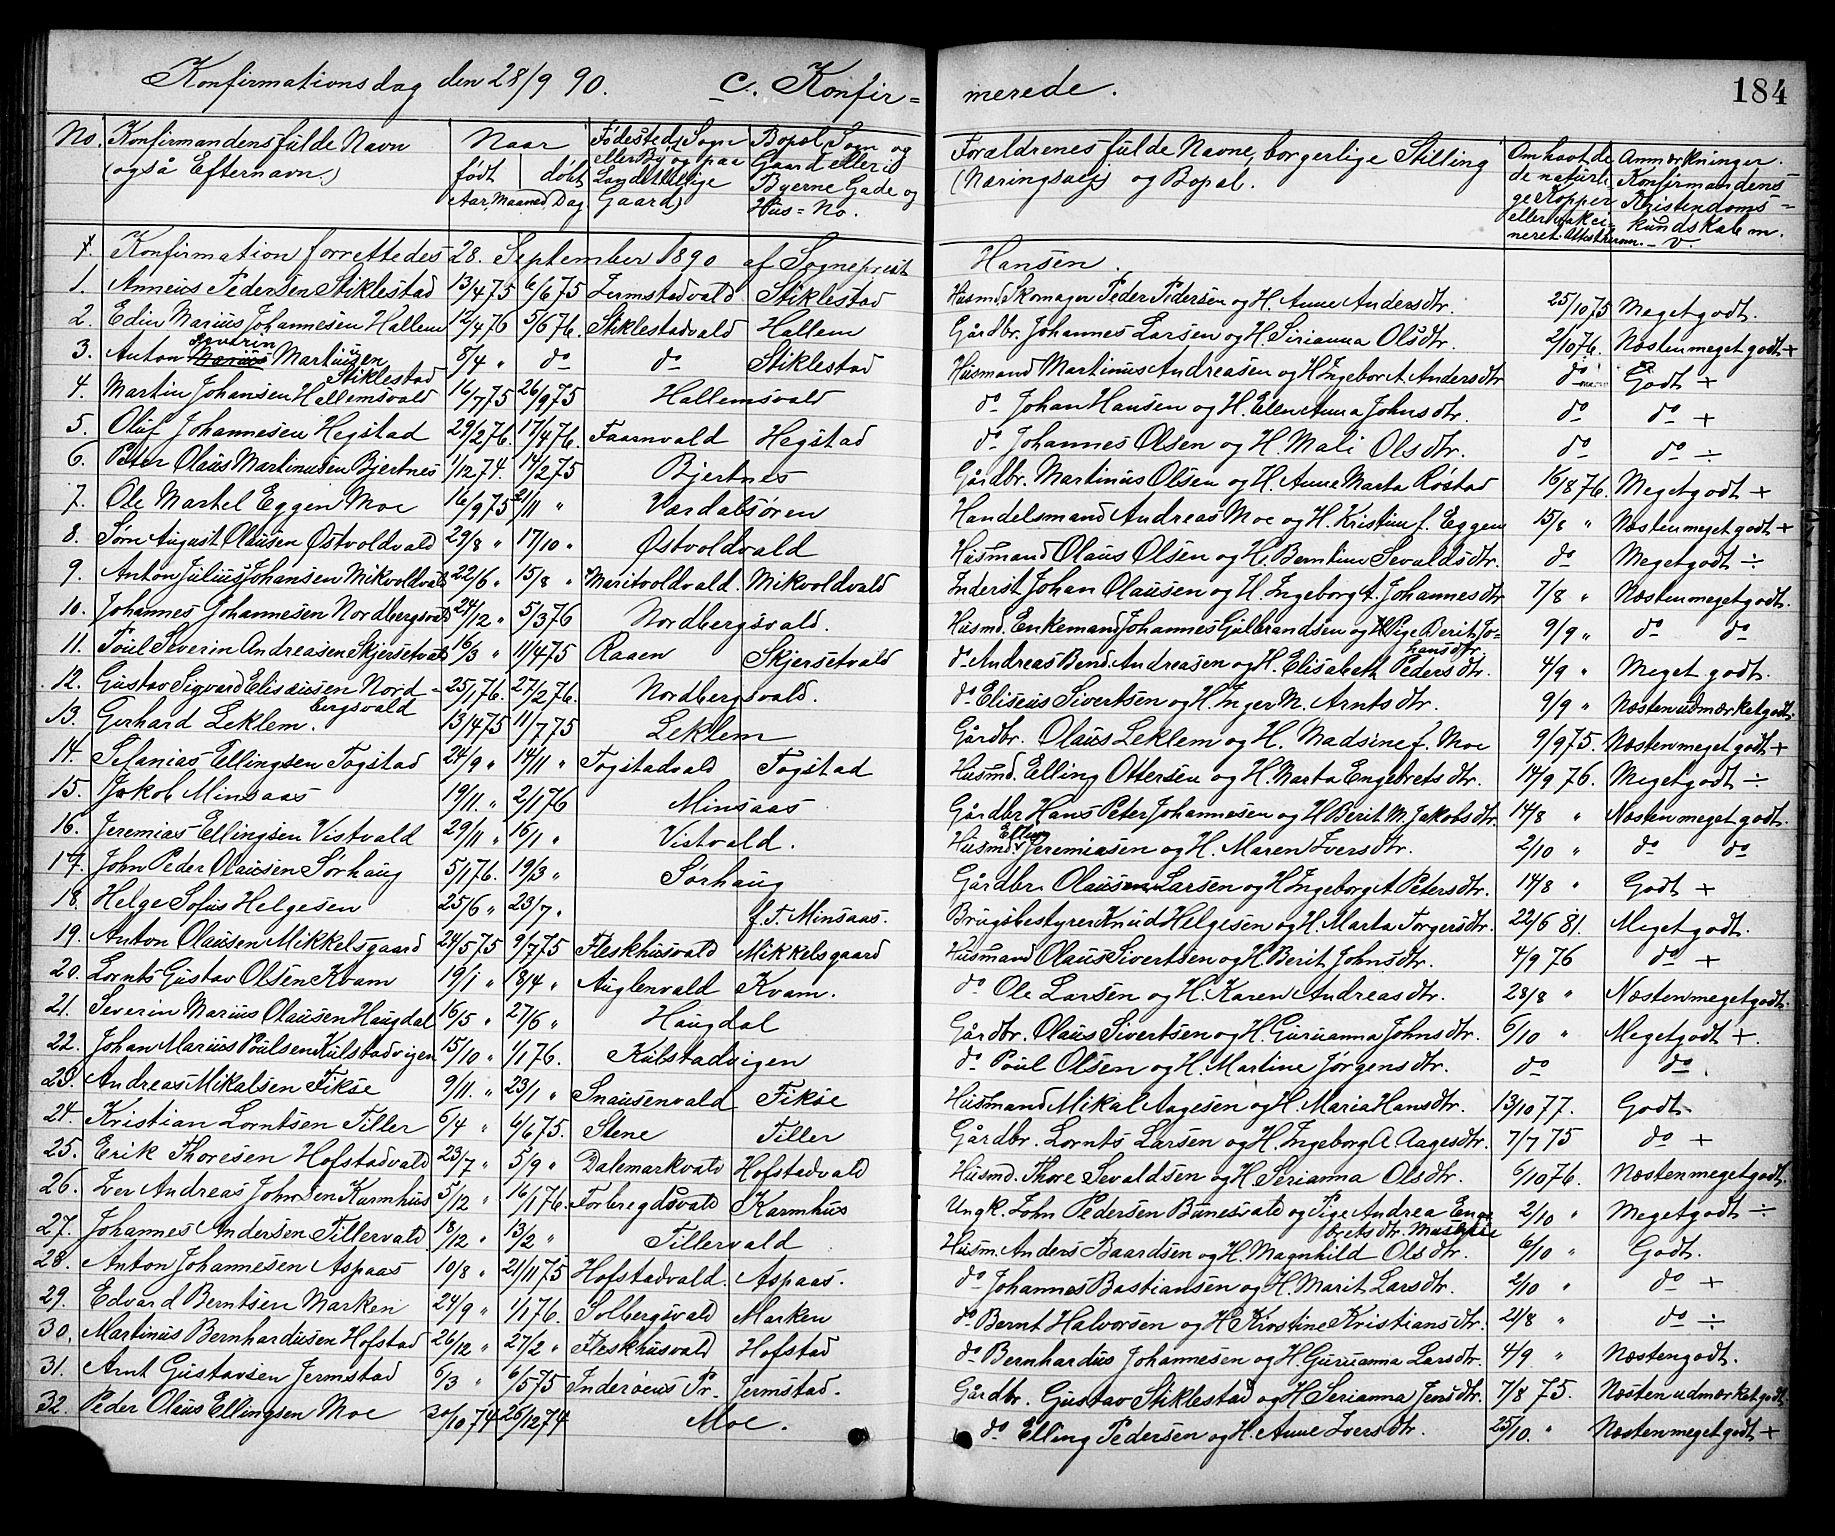 SAT, Ministerialprotokoller, klokkerbøker og fødselsregistre - Nord-Trøndelag, 723/L0257: Klokkerbok nr. 723C05, 1890-1907, s. 184